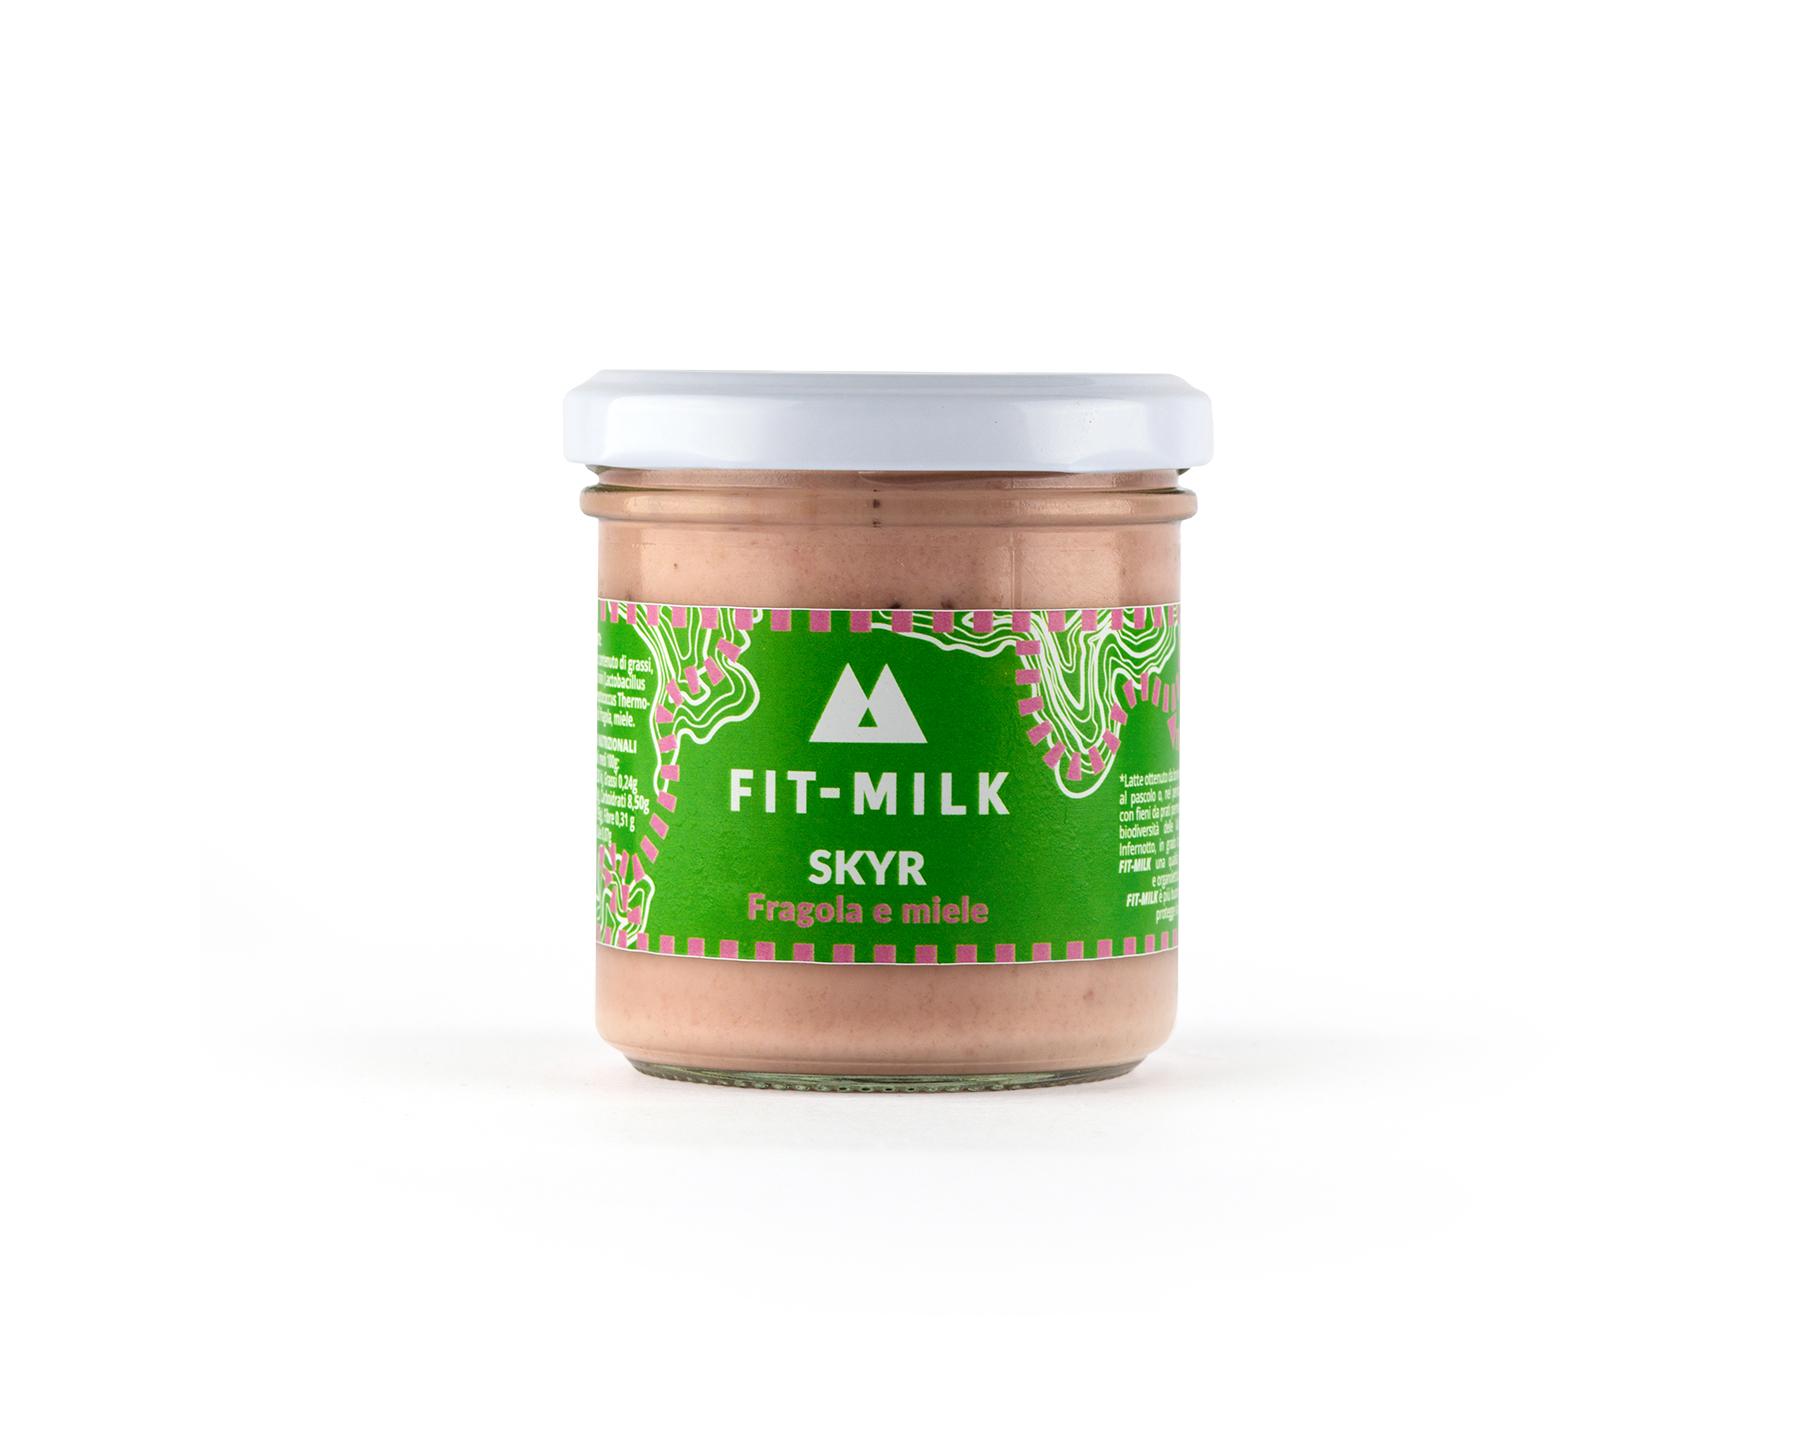 Skyr alla fragola e miele prodotto con latte da erba, latte grass fed